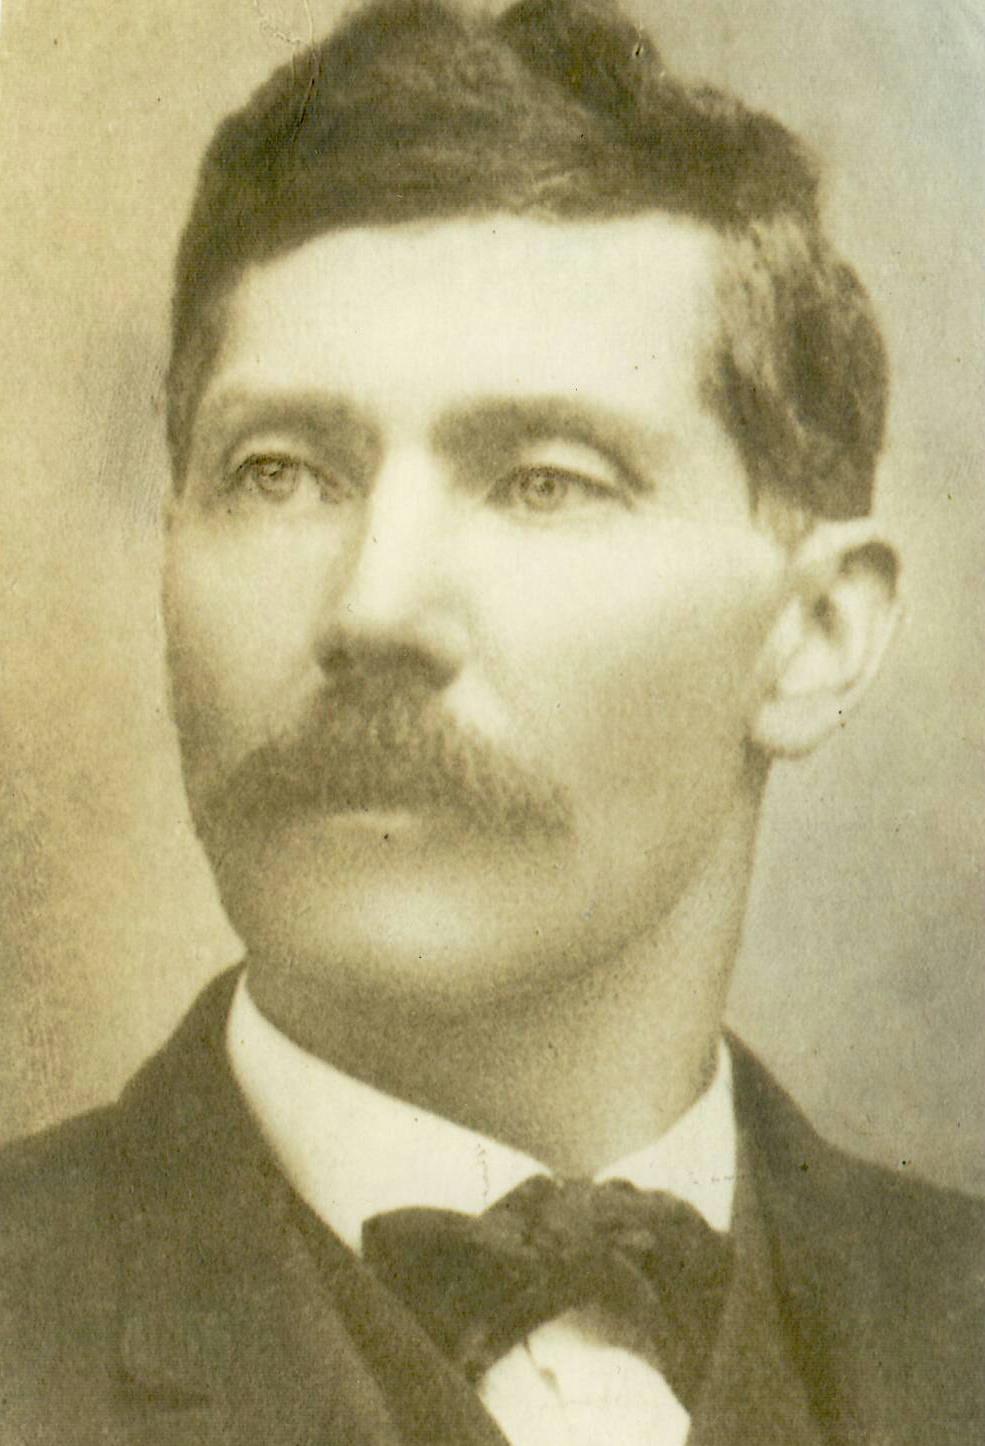 John Franklin Rader